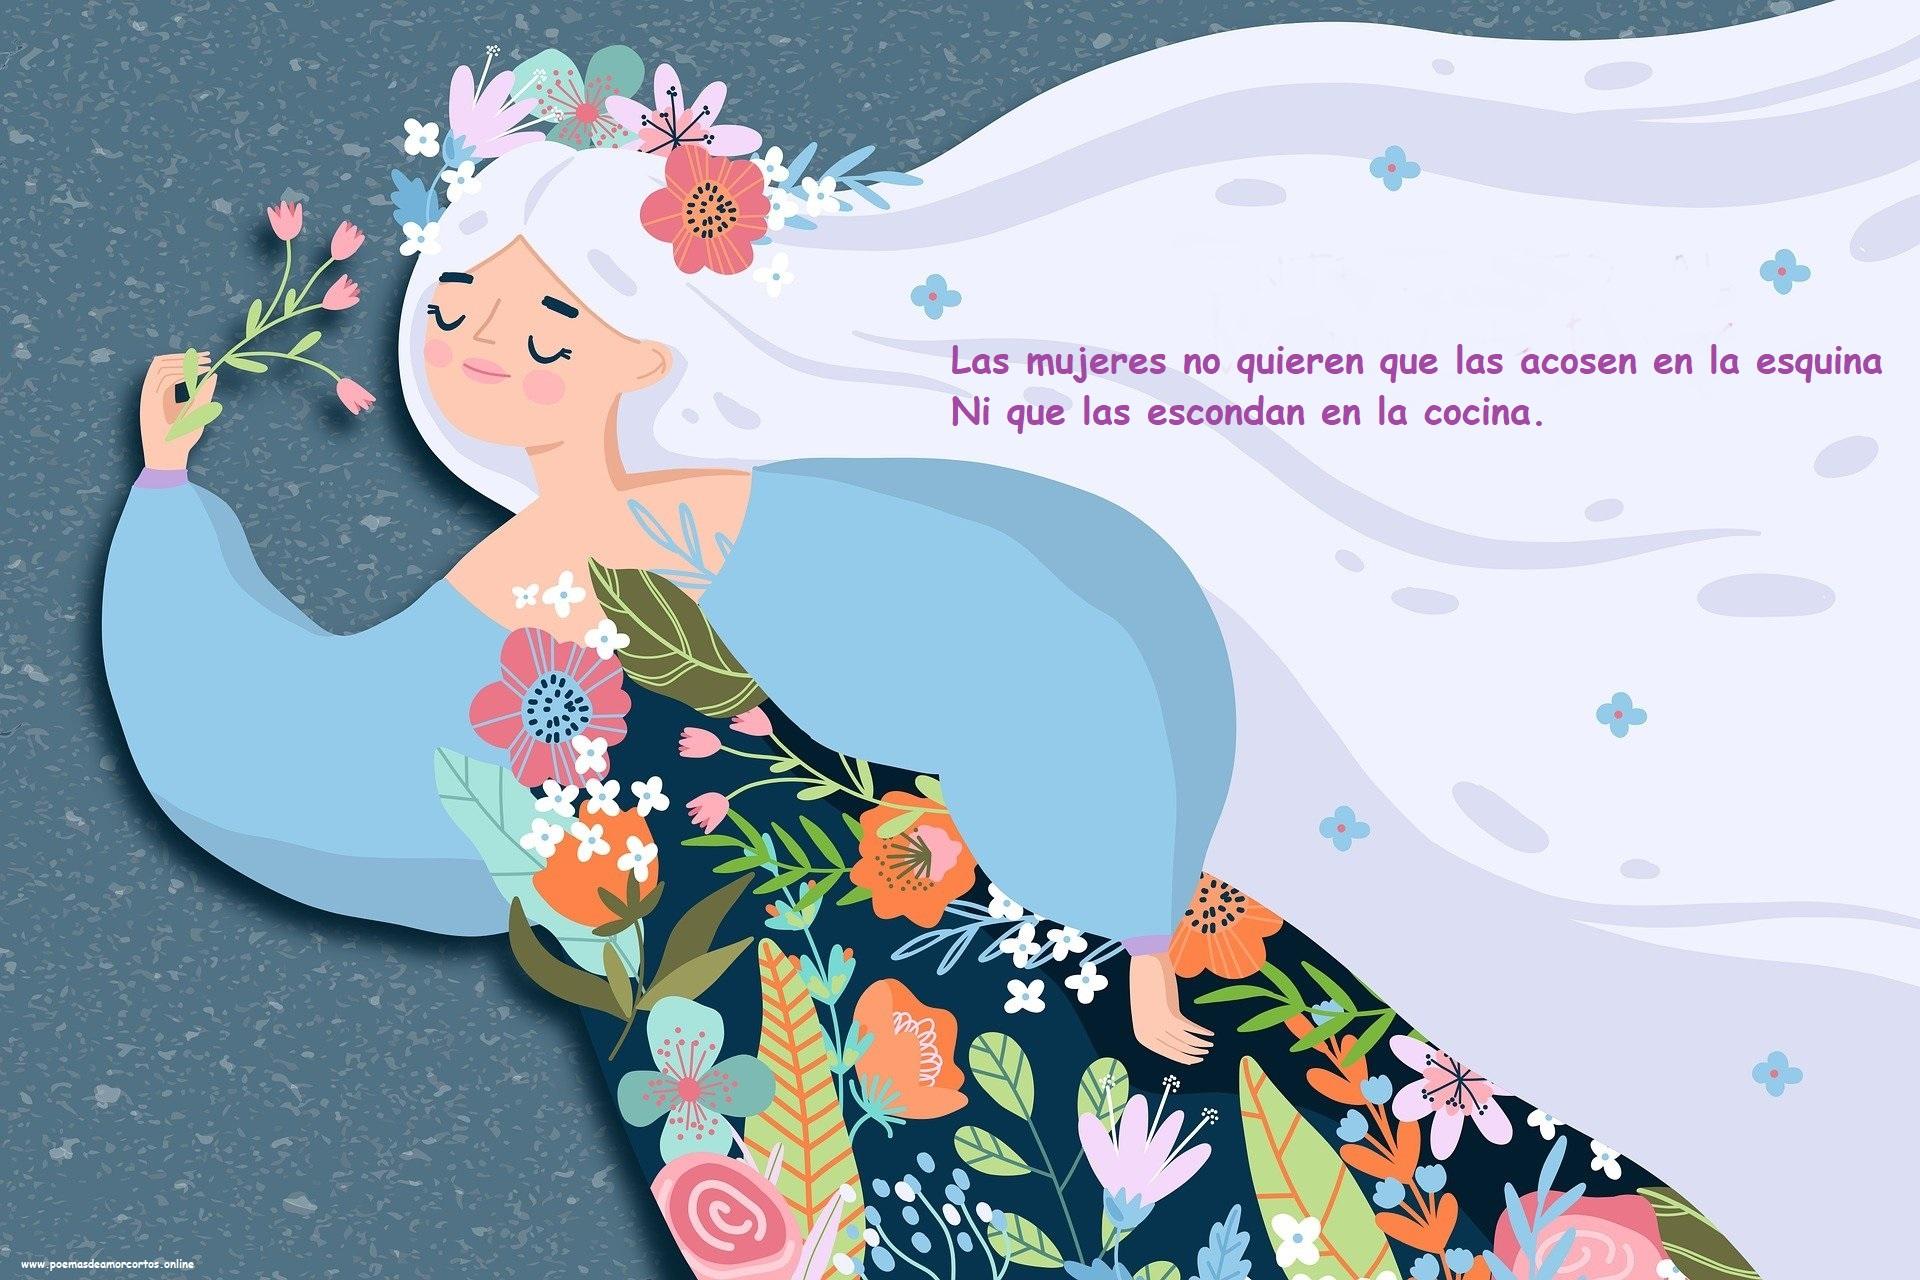 Poema del día de la mujer